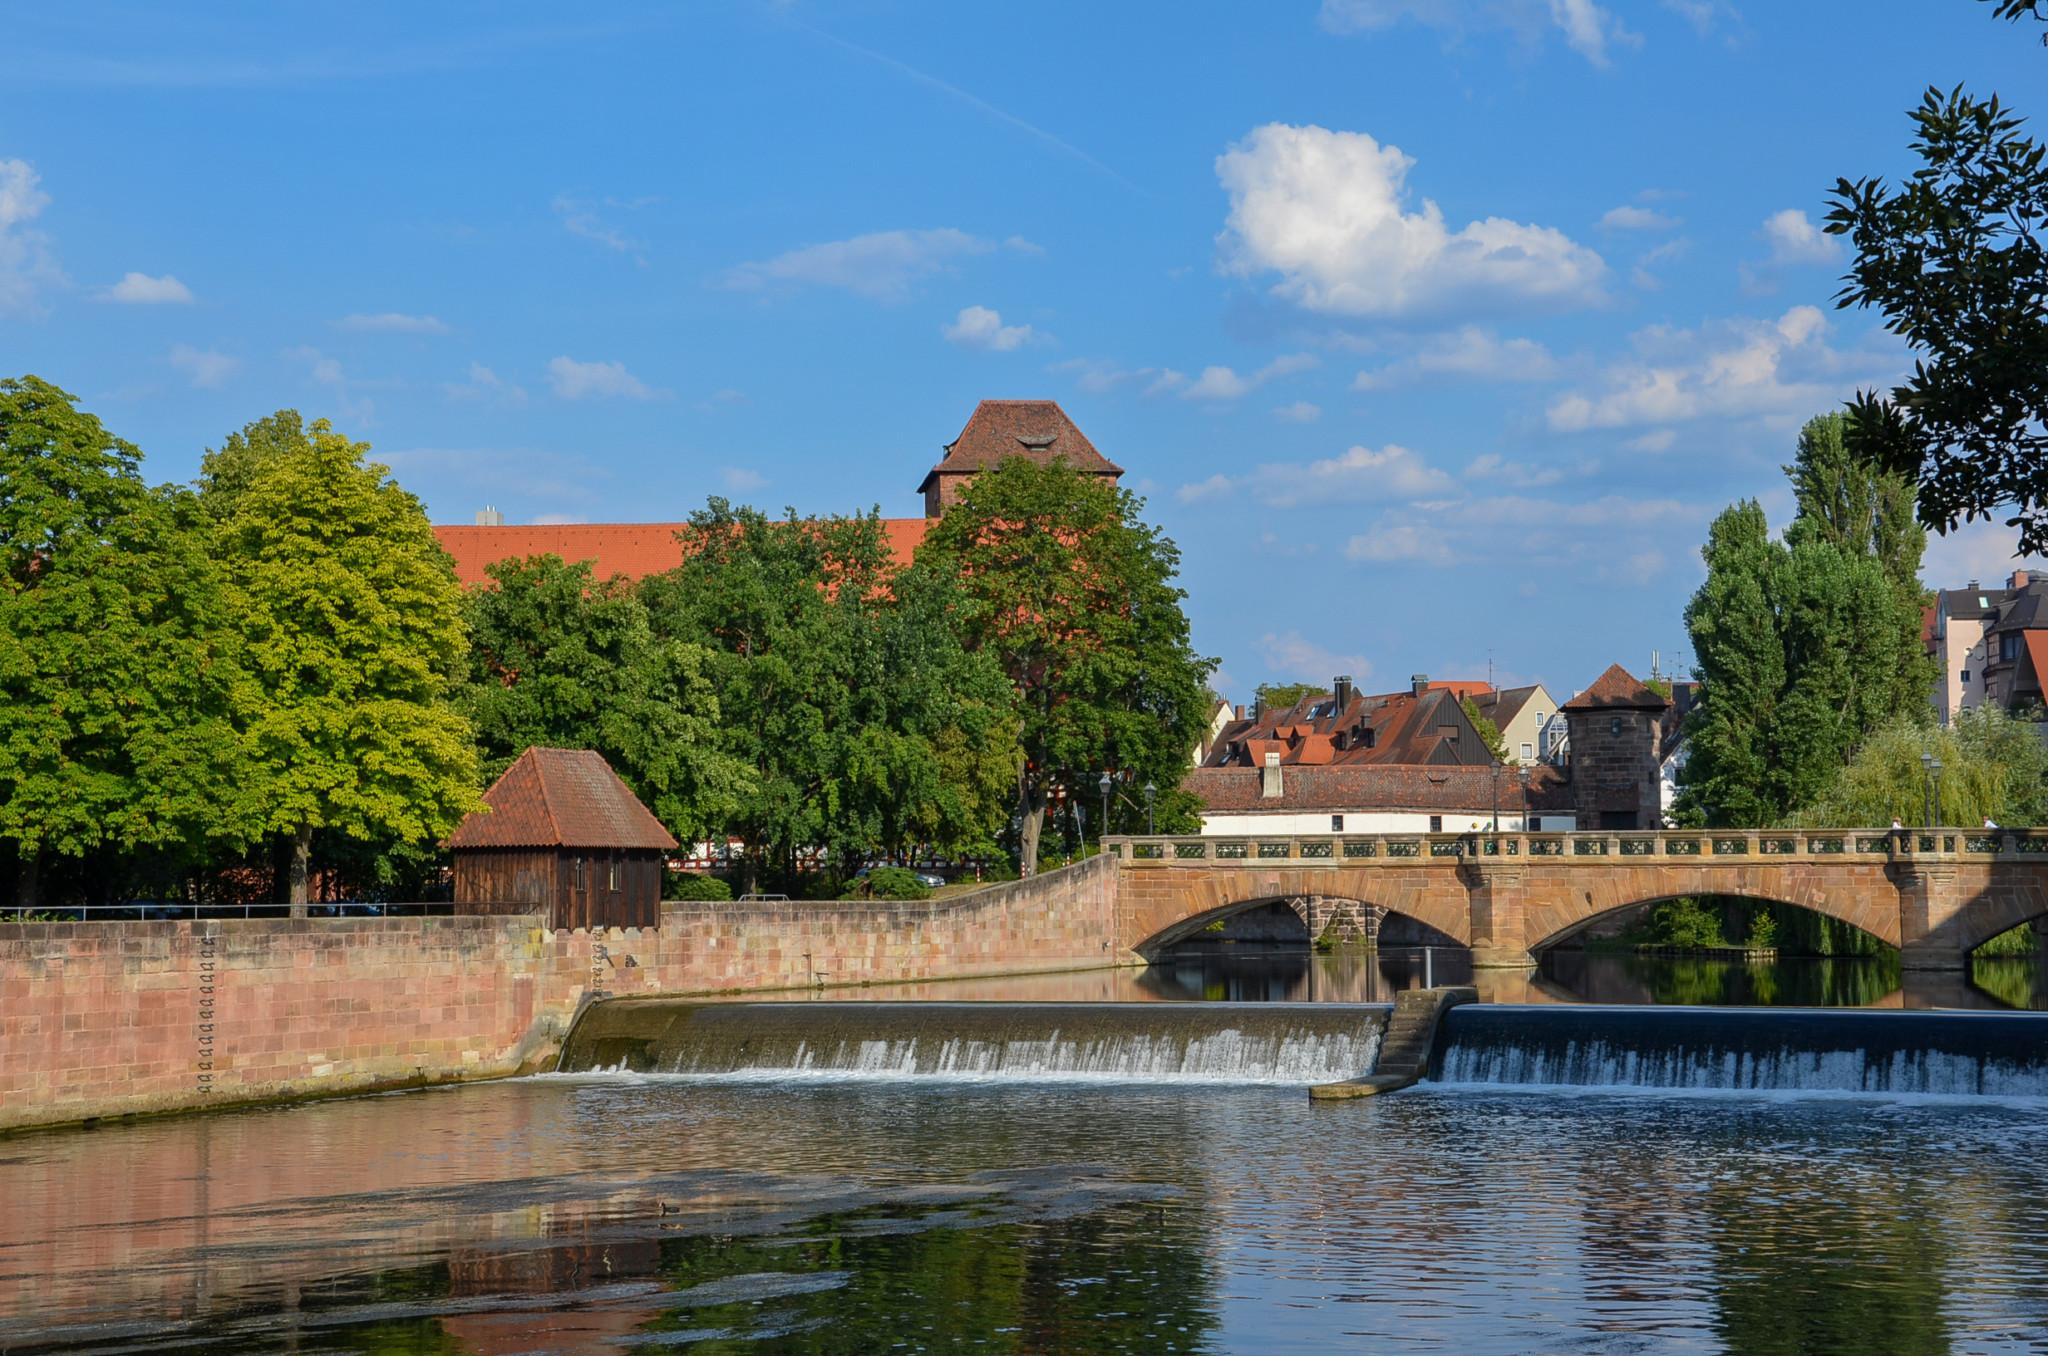 Brücken in Nürnberg gibt es zahlreiche